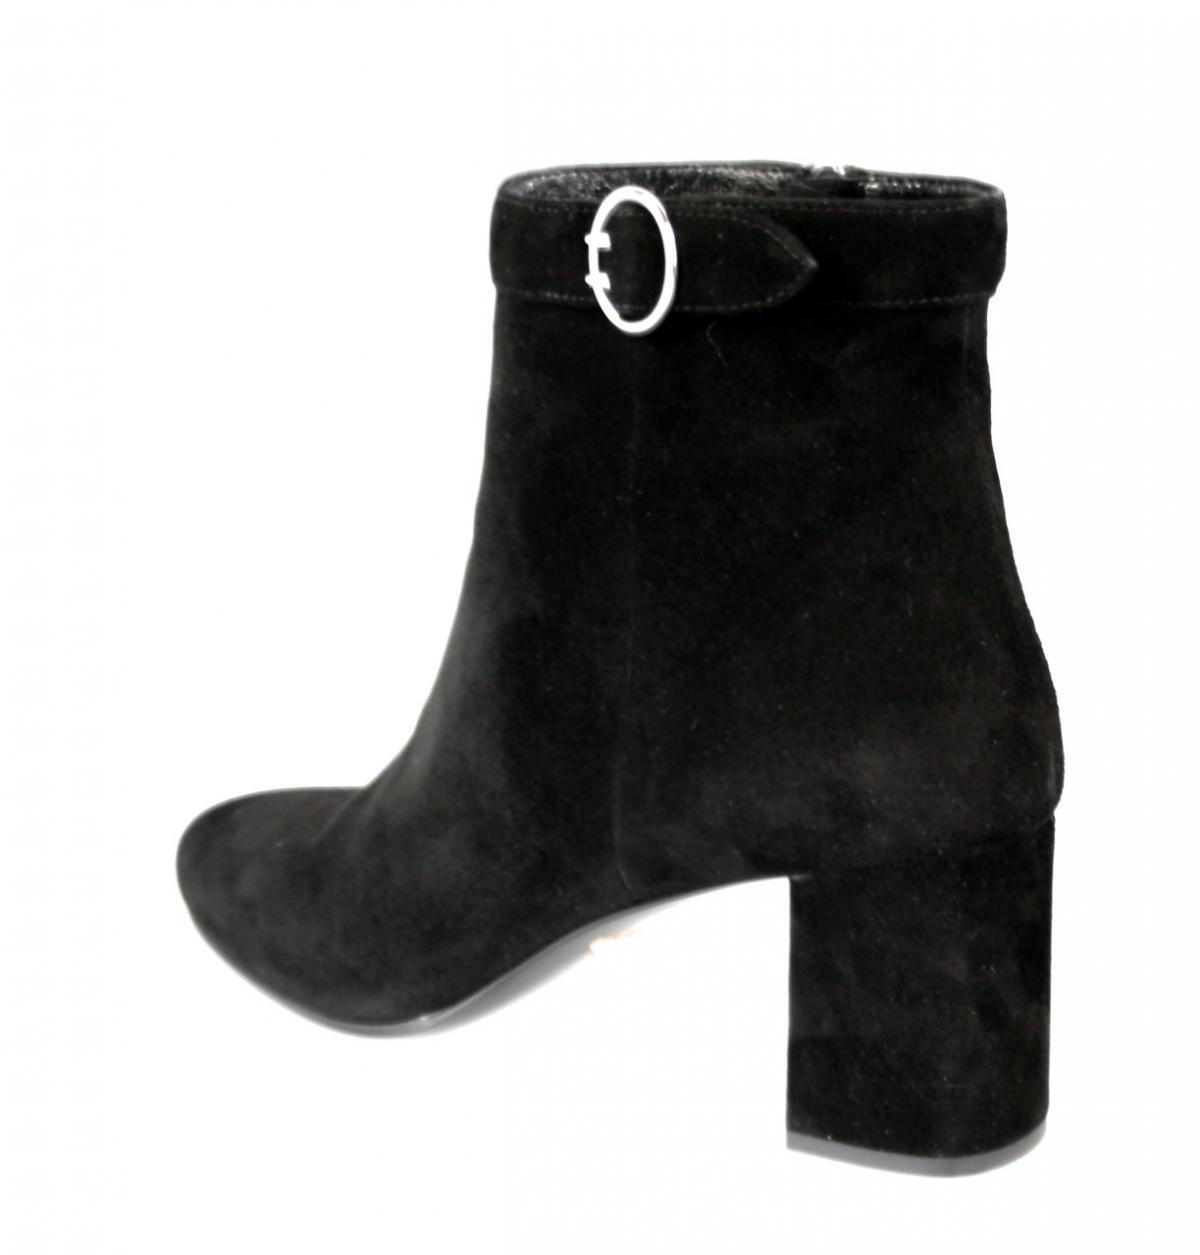 la cheville de luxe prada moitié botte botte botte 1t569e noir nouvelle nib 36 36,5 e623b2